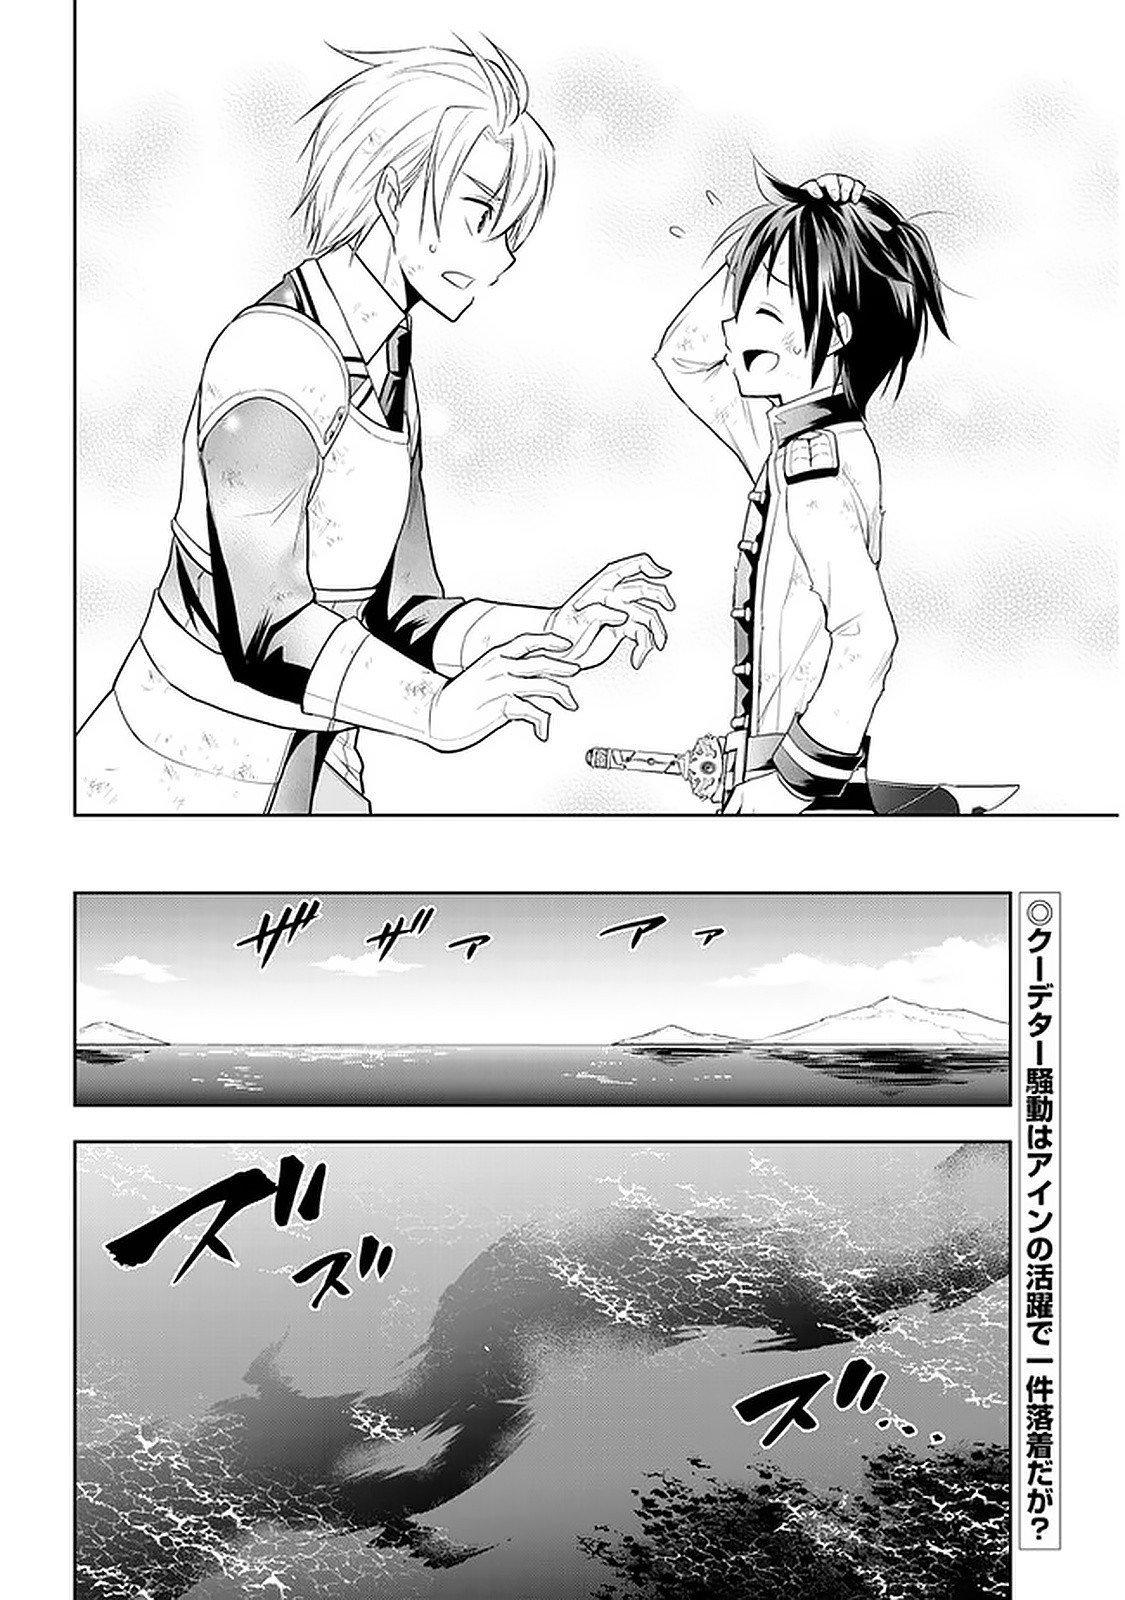 Manga Maseki Gurume: Mamono no Chikara o Tabeta Ore wa Saikyou! - Chapter 17 Page 28